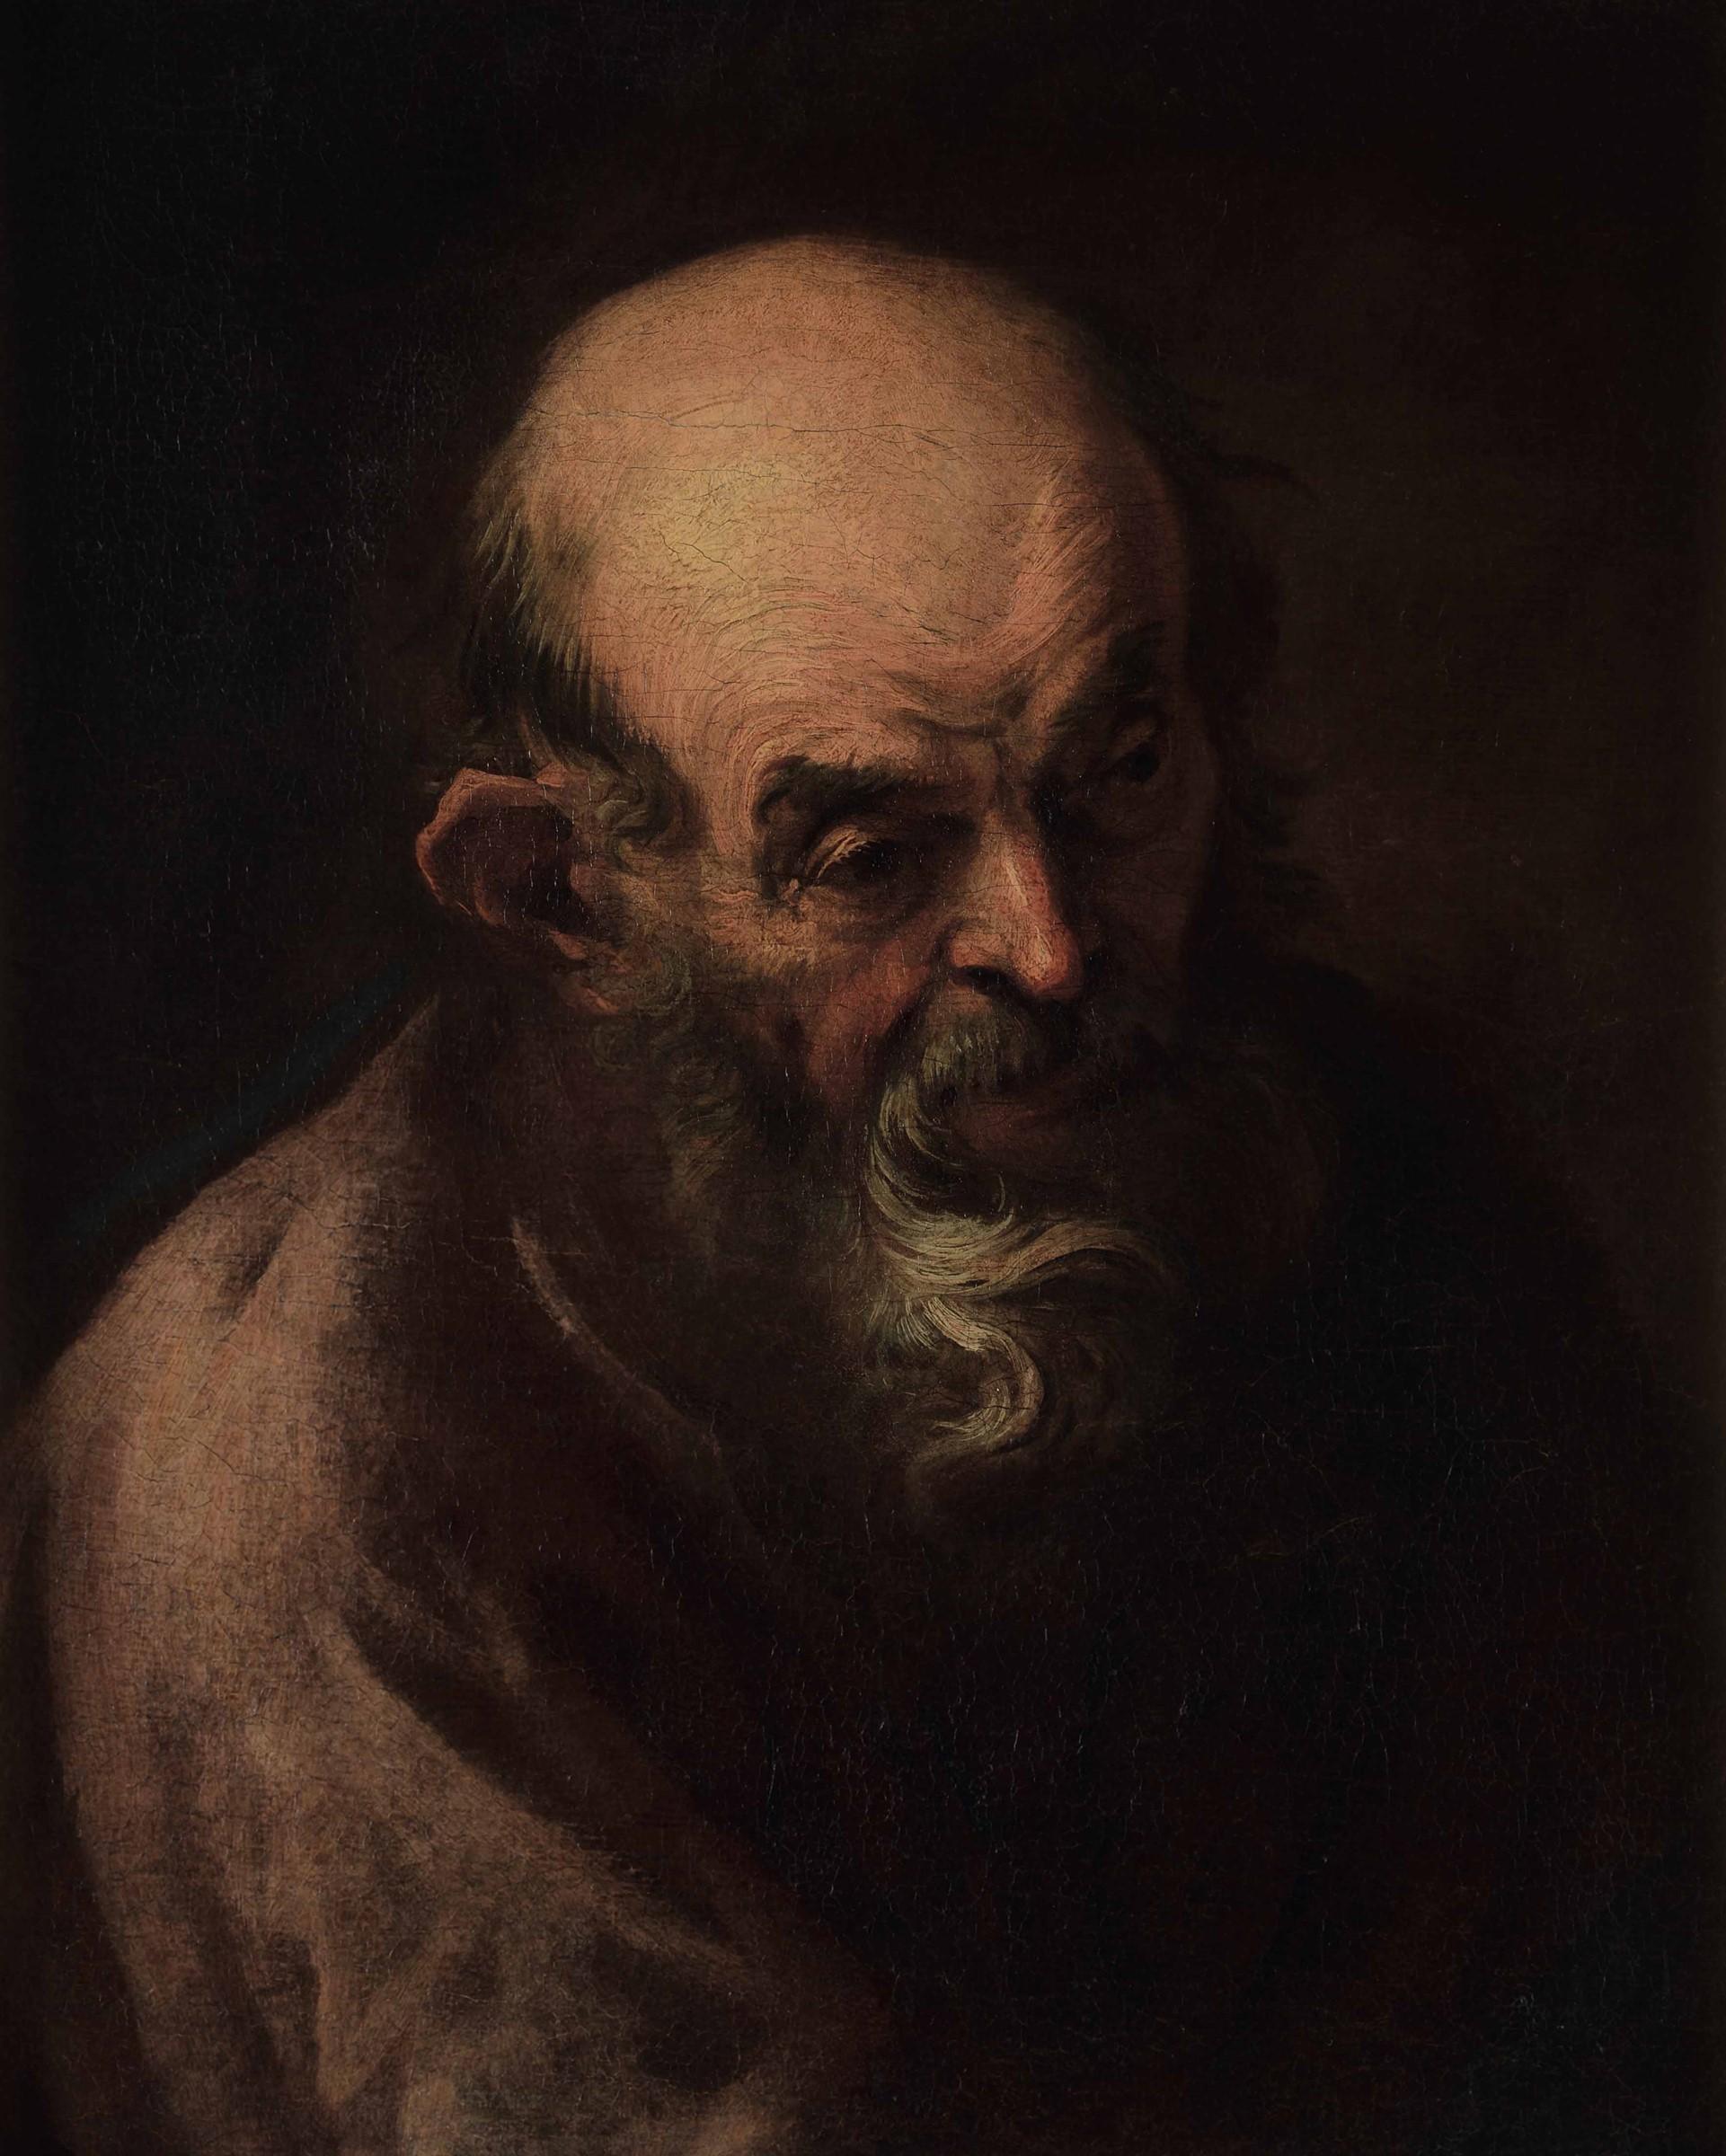 Alessandro Magnasco (Genova 1667-1749), Ritratto di anziano - olio su tela, cm 59x49, [...]